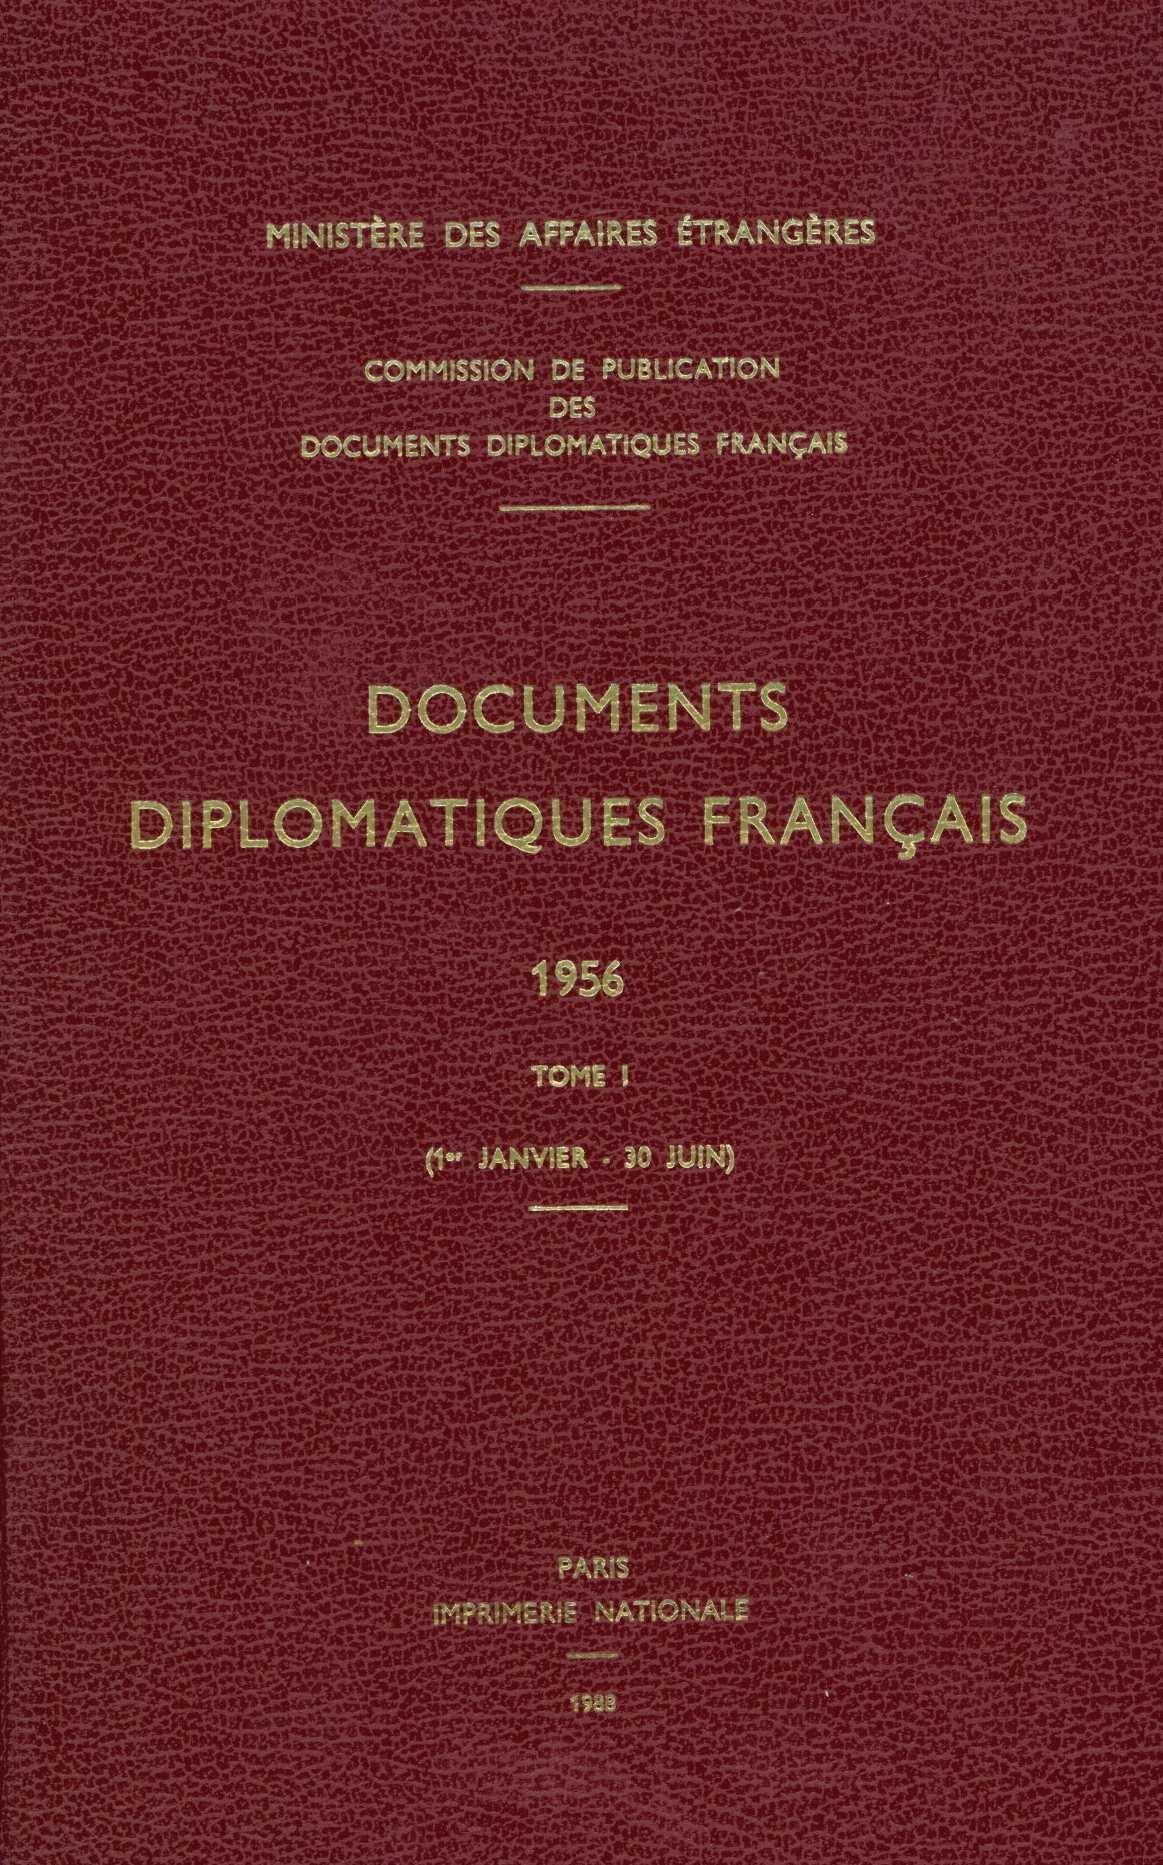 DOCUMENTS DIPLOMATIQUES FRANCAIS - 1956 - TOME I (1ER JANVIER - 30 JUIN)